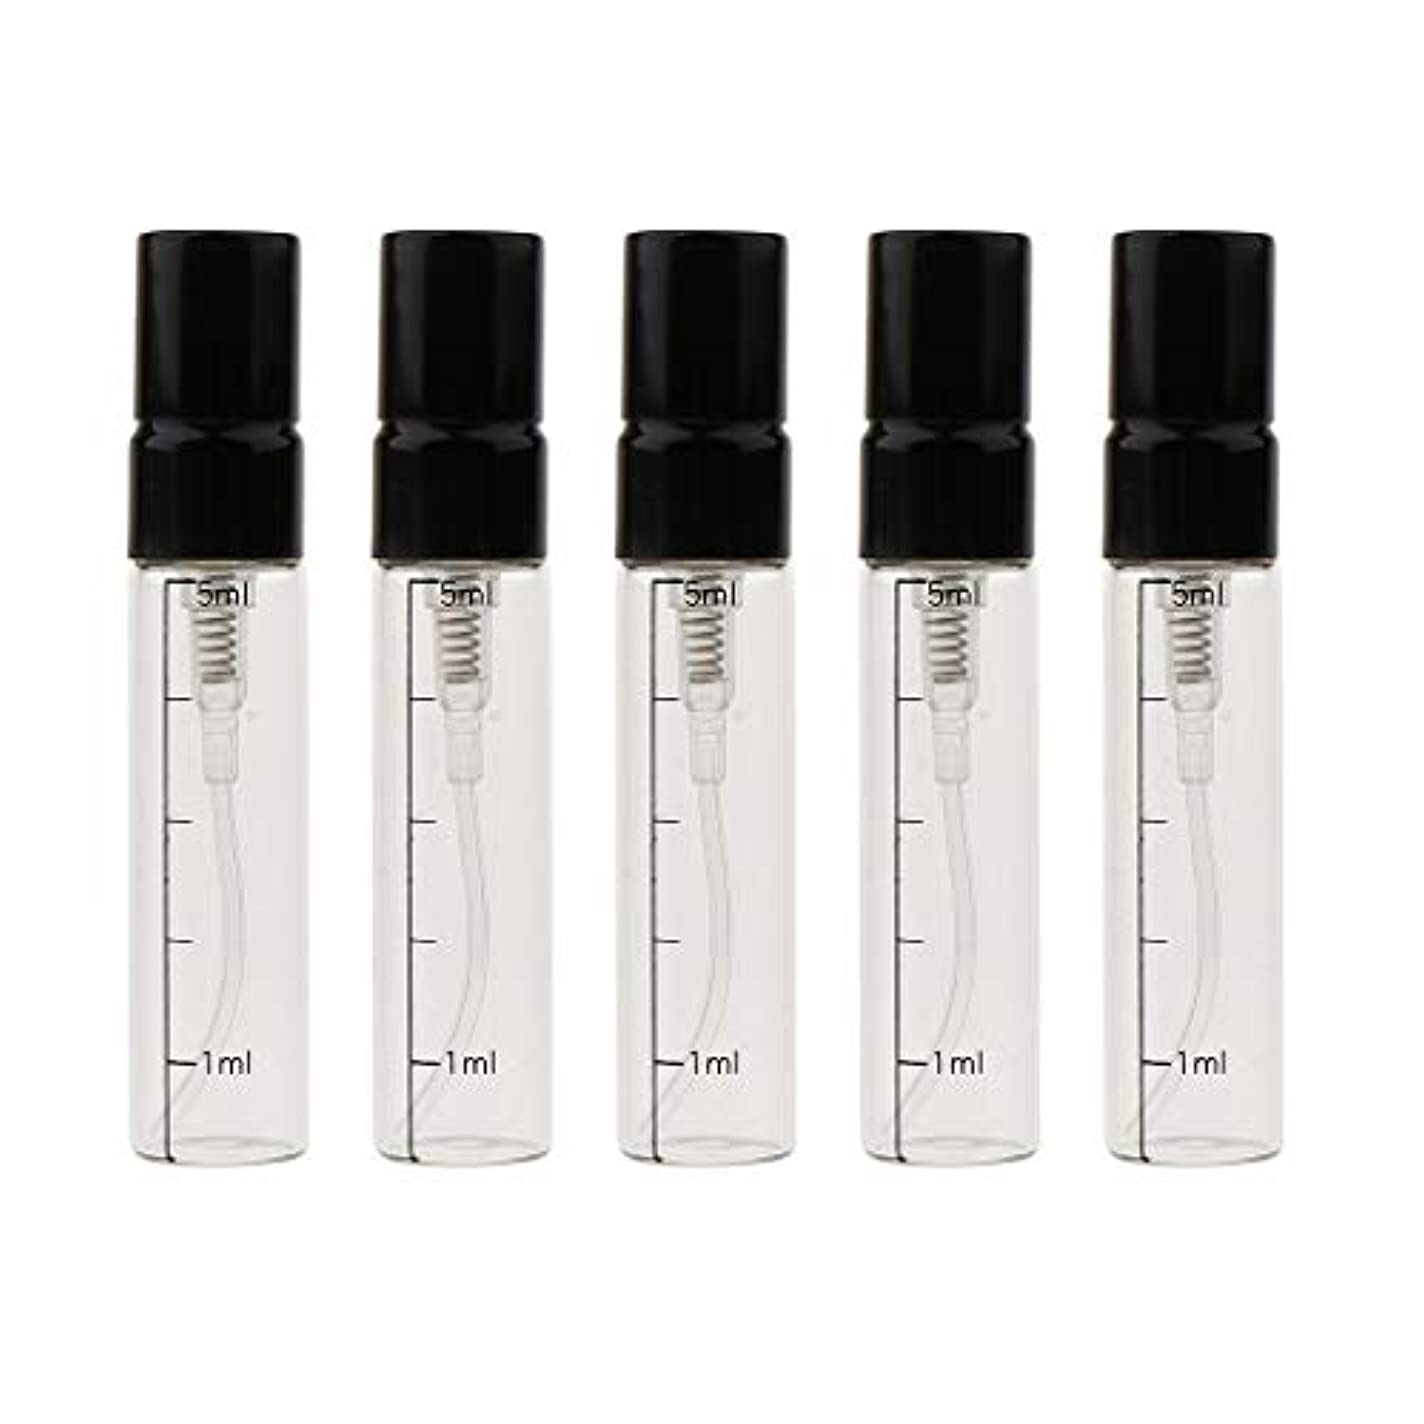 はげアコー常習的エッセンシャルオイル ボトル ガラス 5mL 香水ボトル ポンプボトル 3色選べ - ゴールド